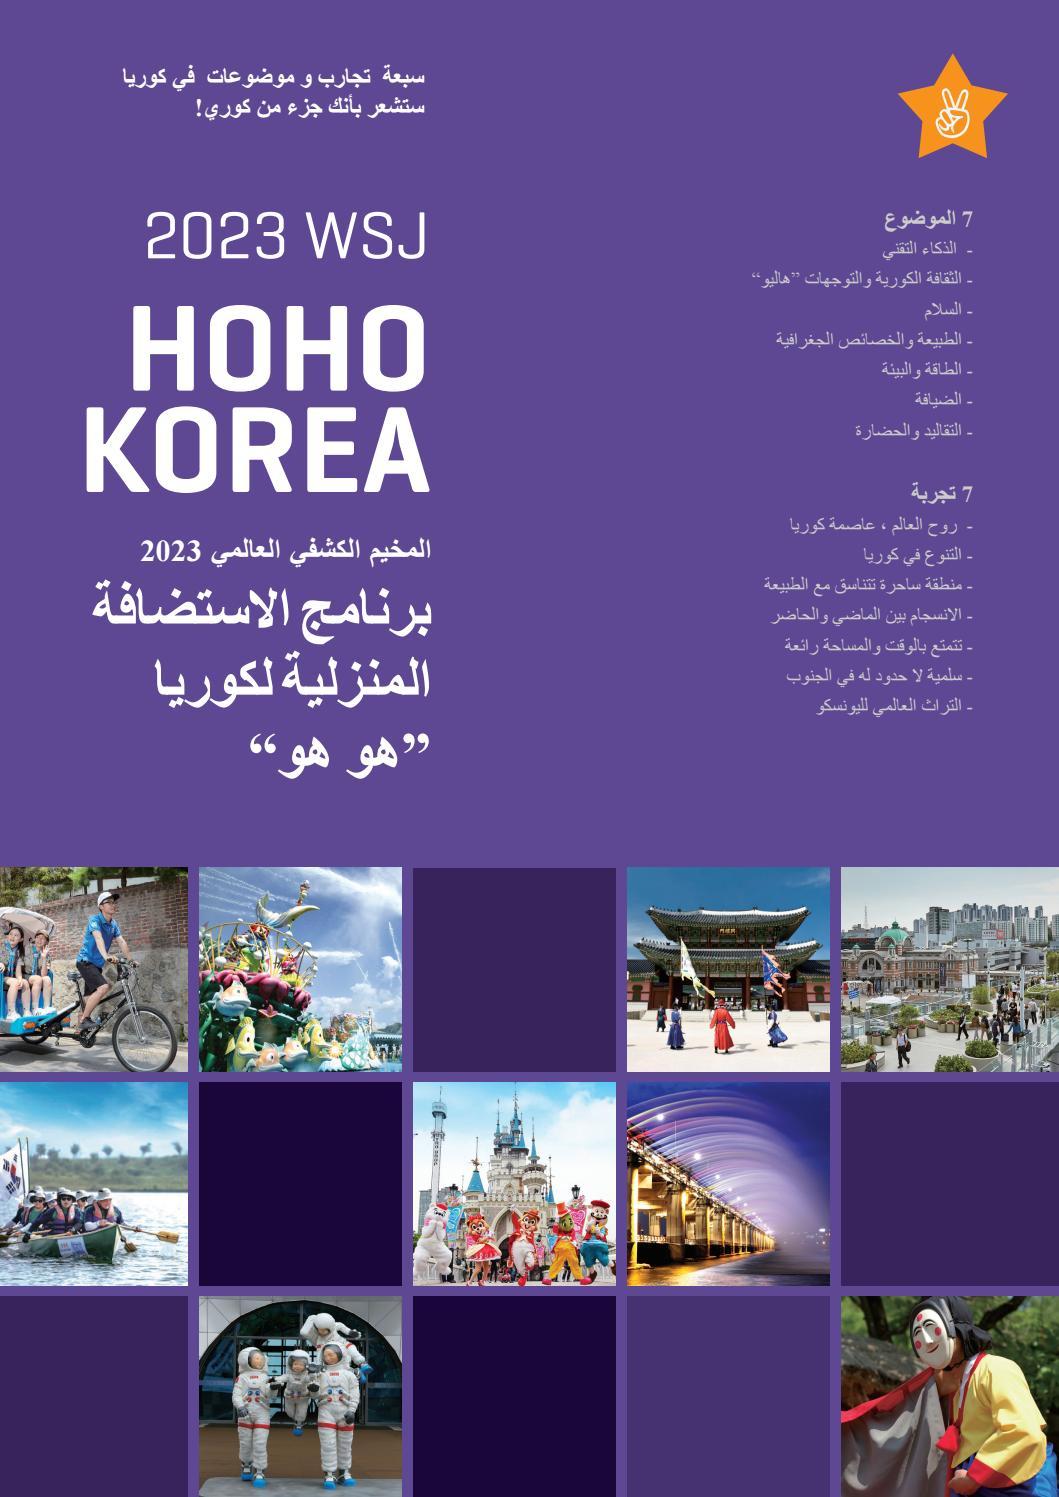 برنامج الاستضافة المنزلية هو هو لكوريا By 25th World Scout